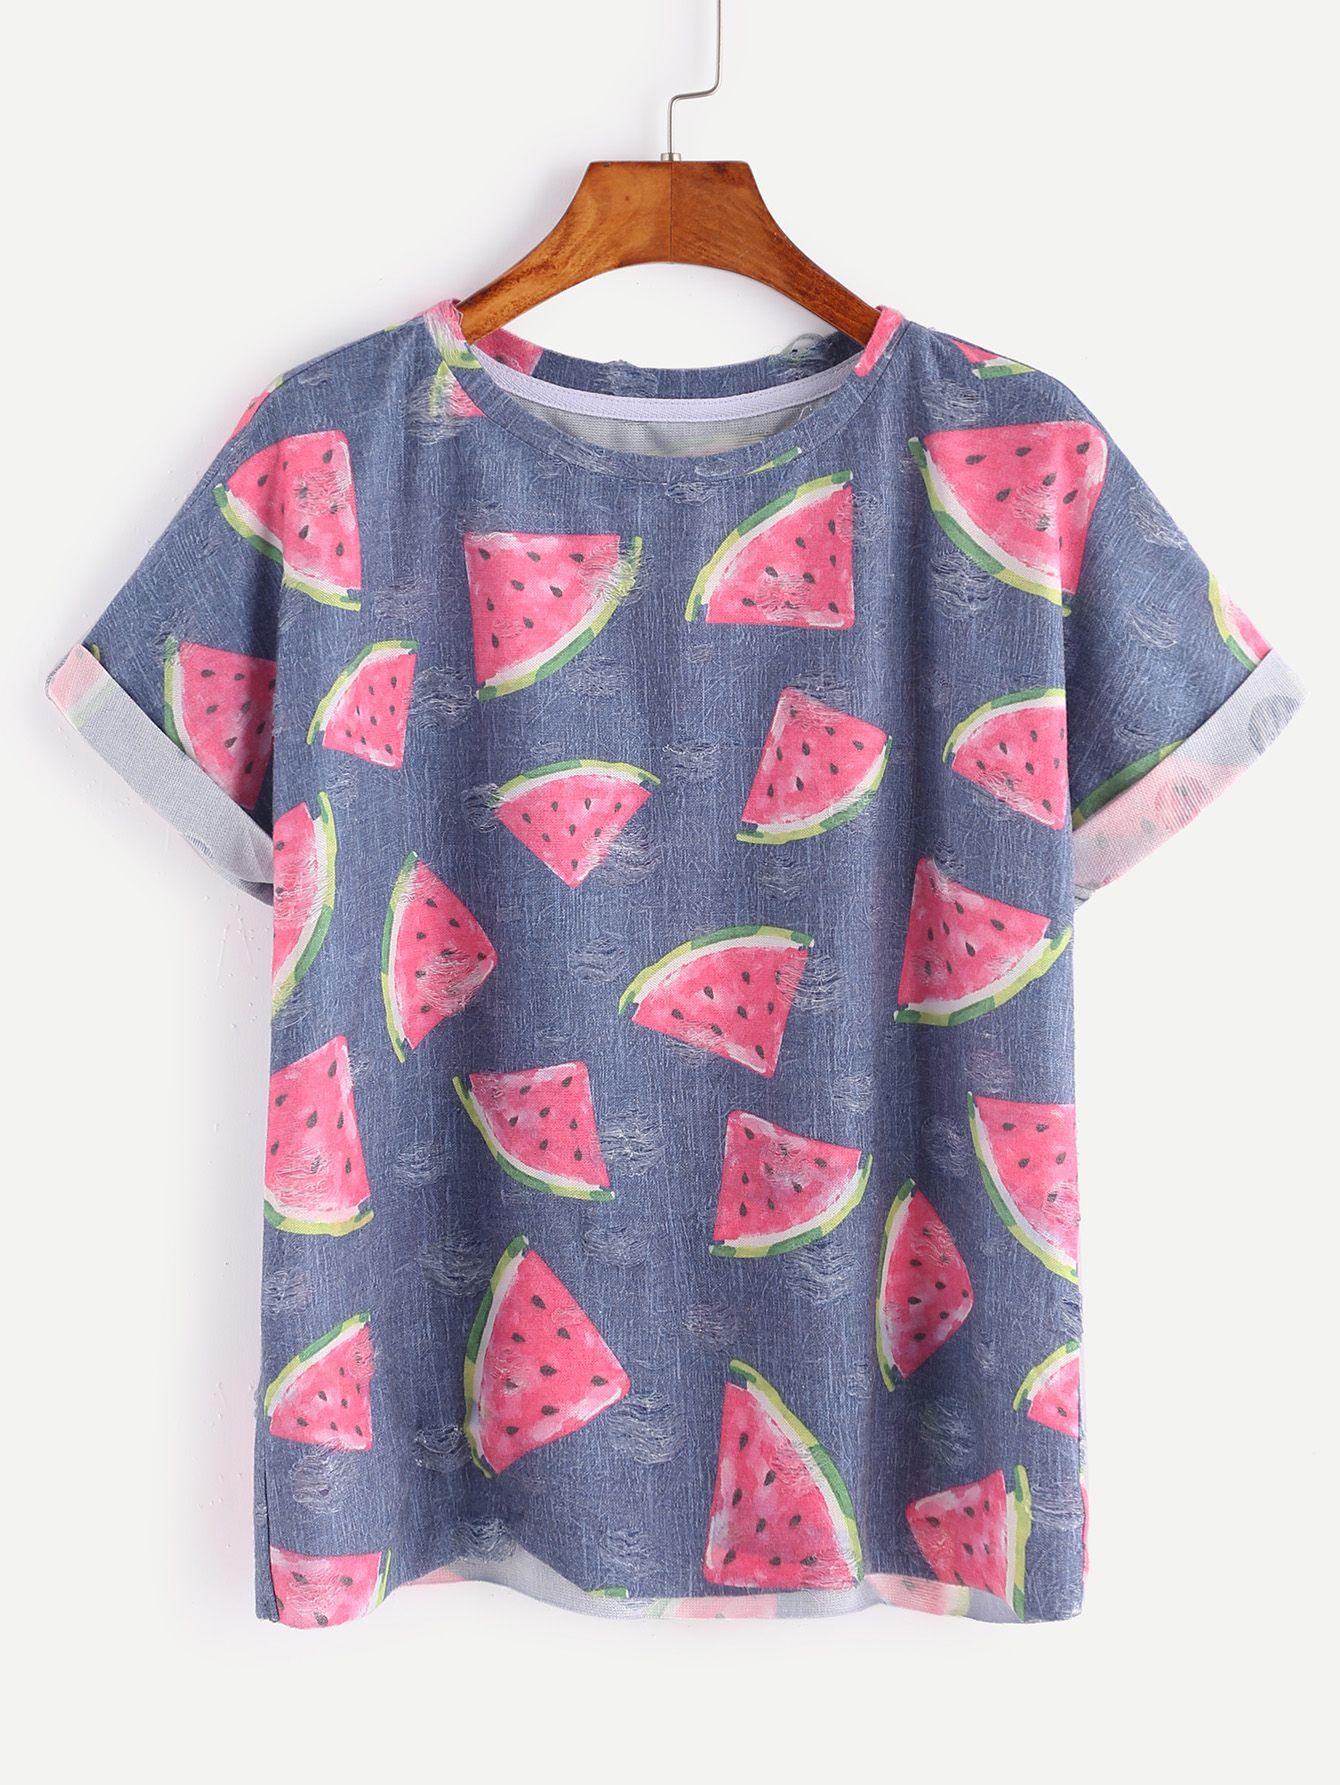 d2f051388c8fc Shop Blue Watermelon Print Short Sleeve T-shirt online. SheIn offers Blue  Watermelon Print Short Sleeve T-shirt & more to fit your fashionable needs.